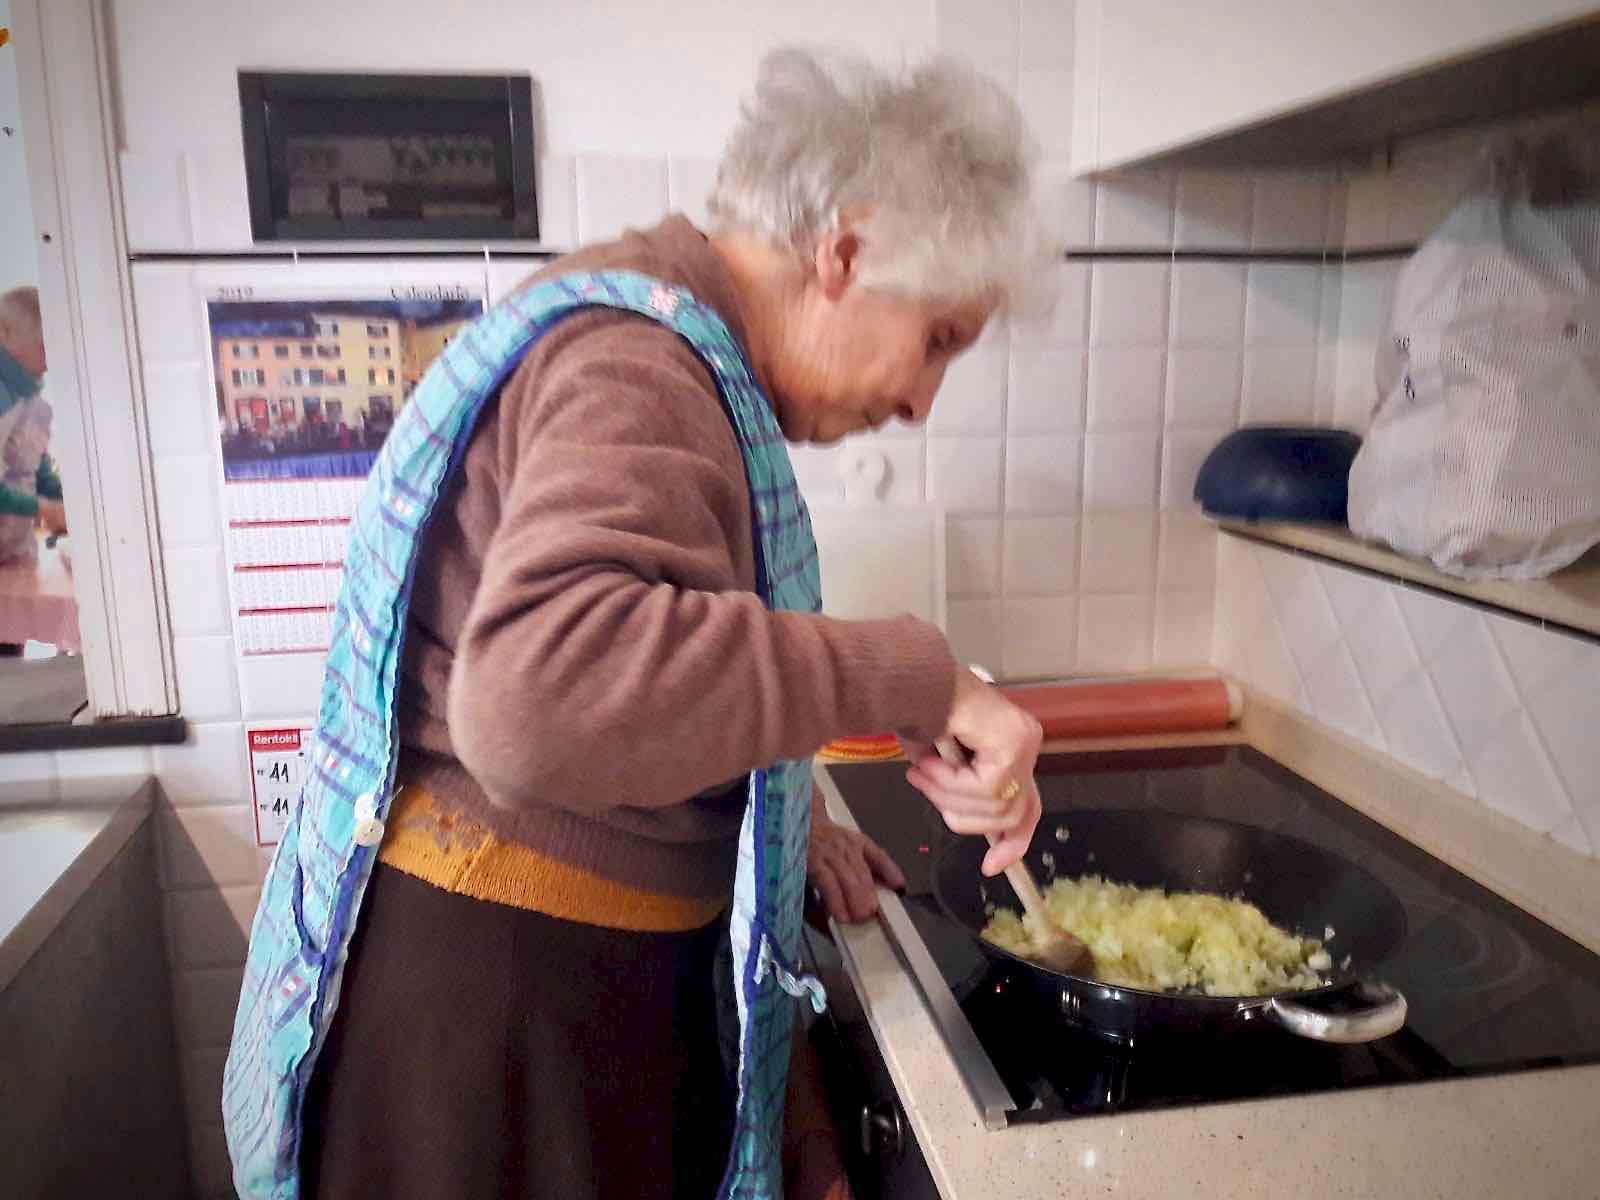 Centro Diurno Anziani - Attività di cucina 2019 03